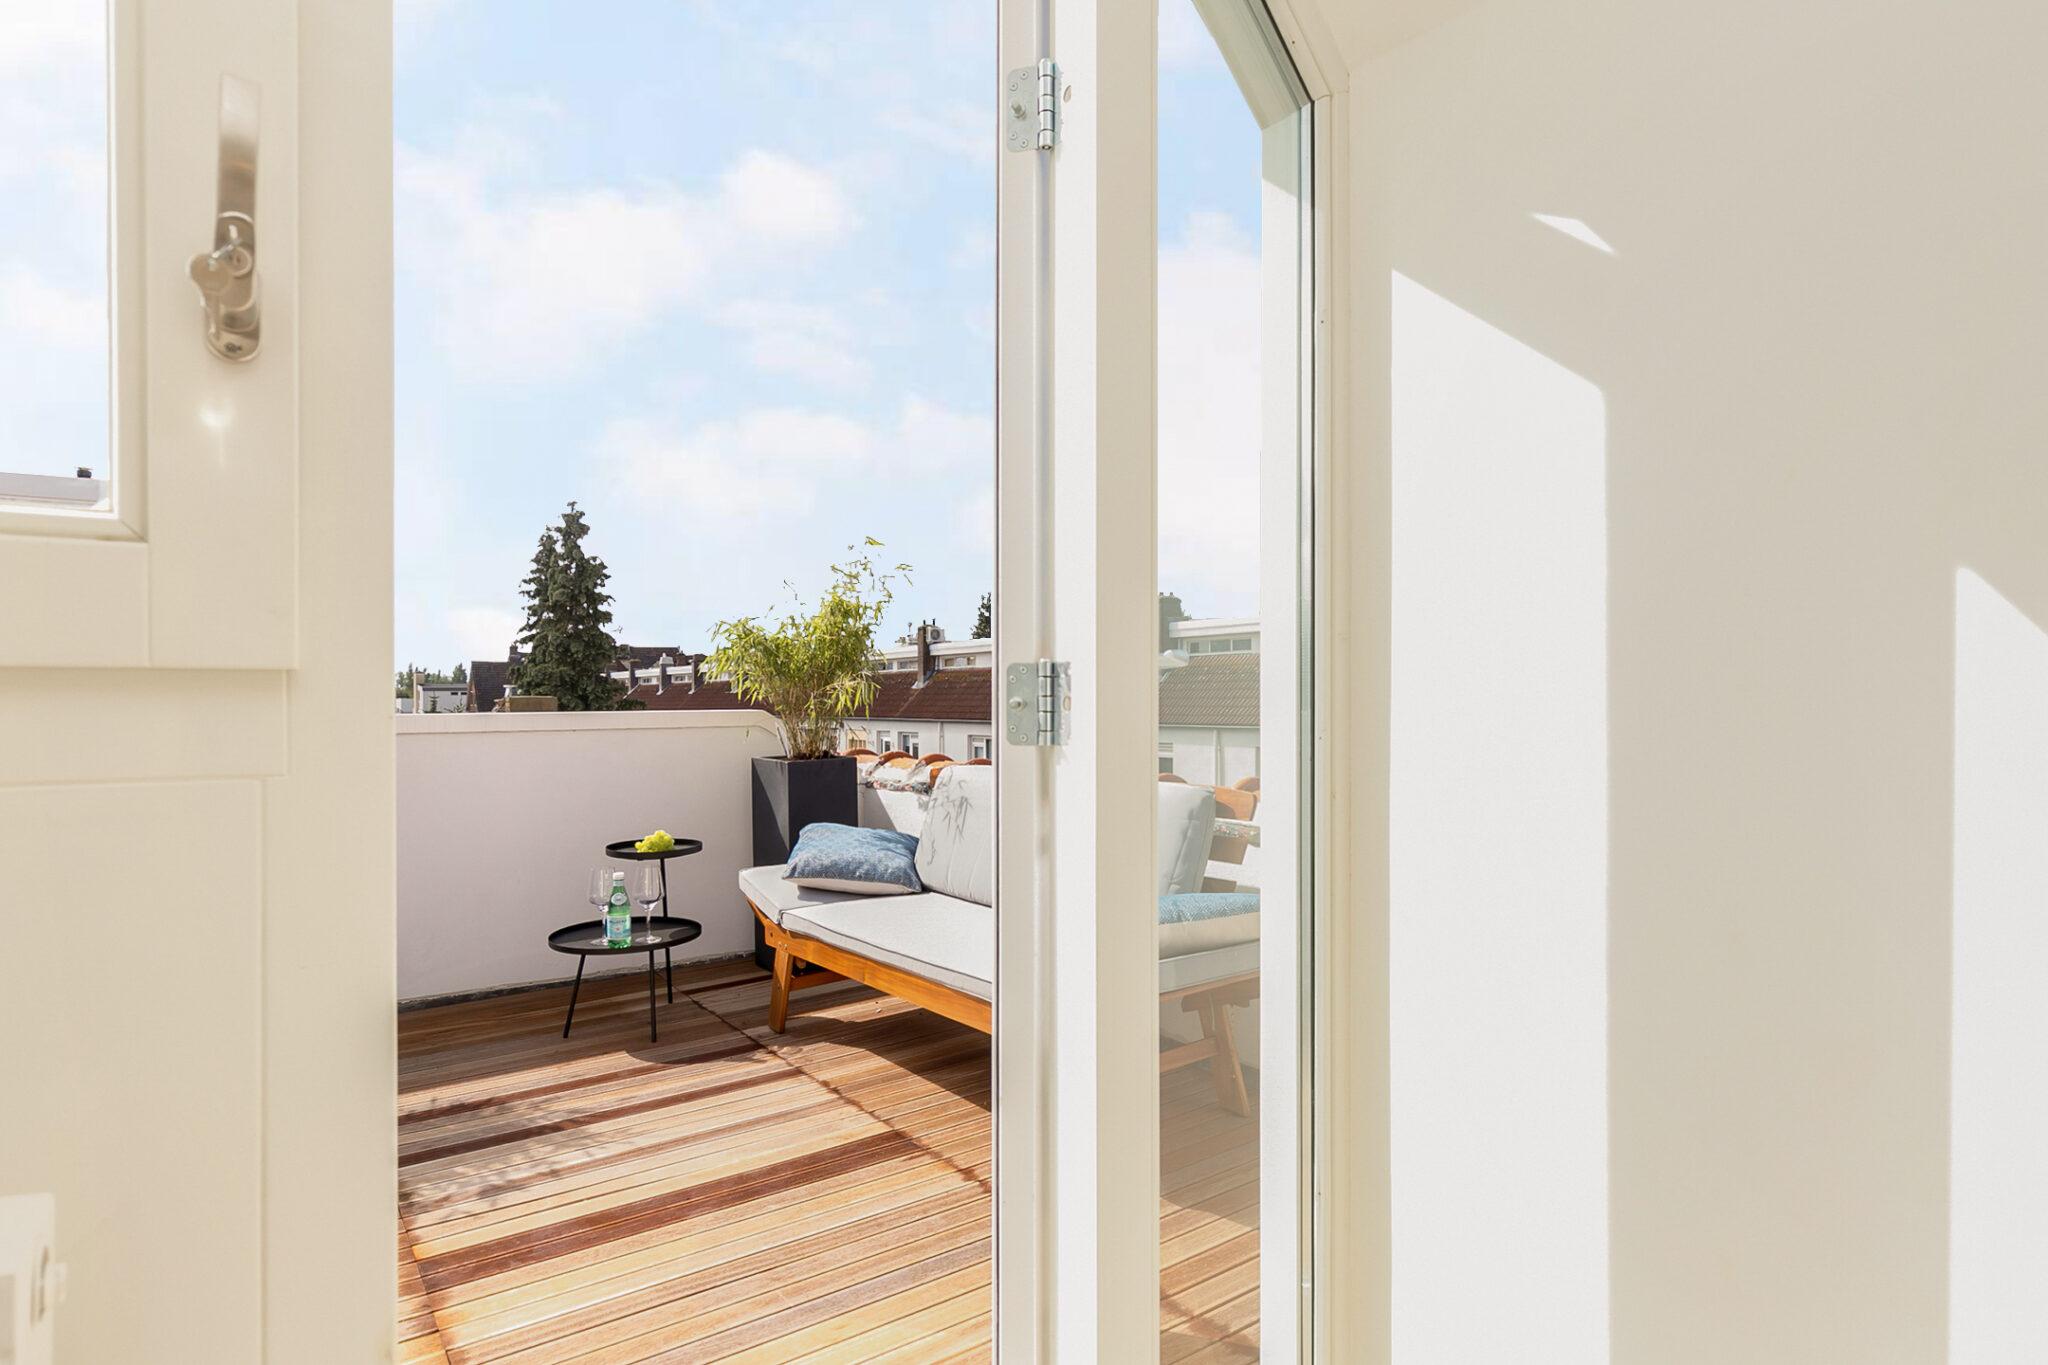 Pieter van Aschstraat 2B zonnige slaapkamer aan terras2